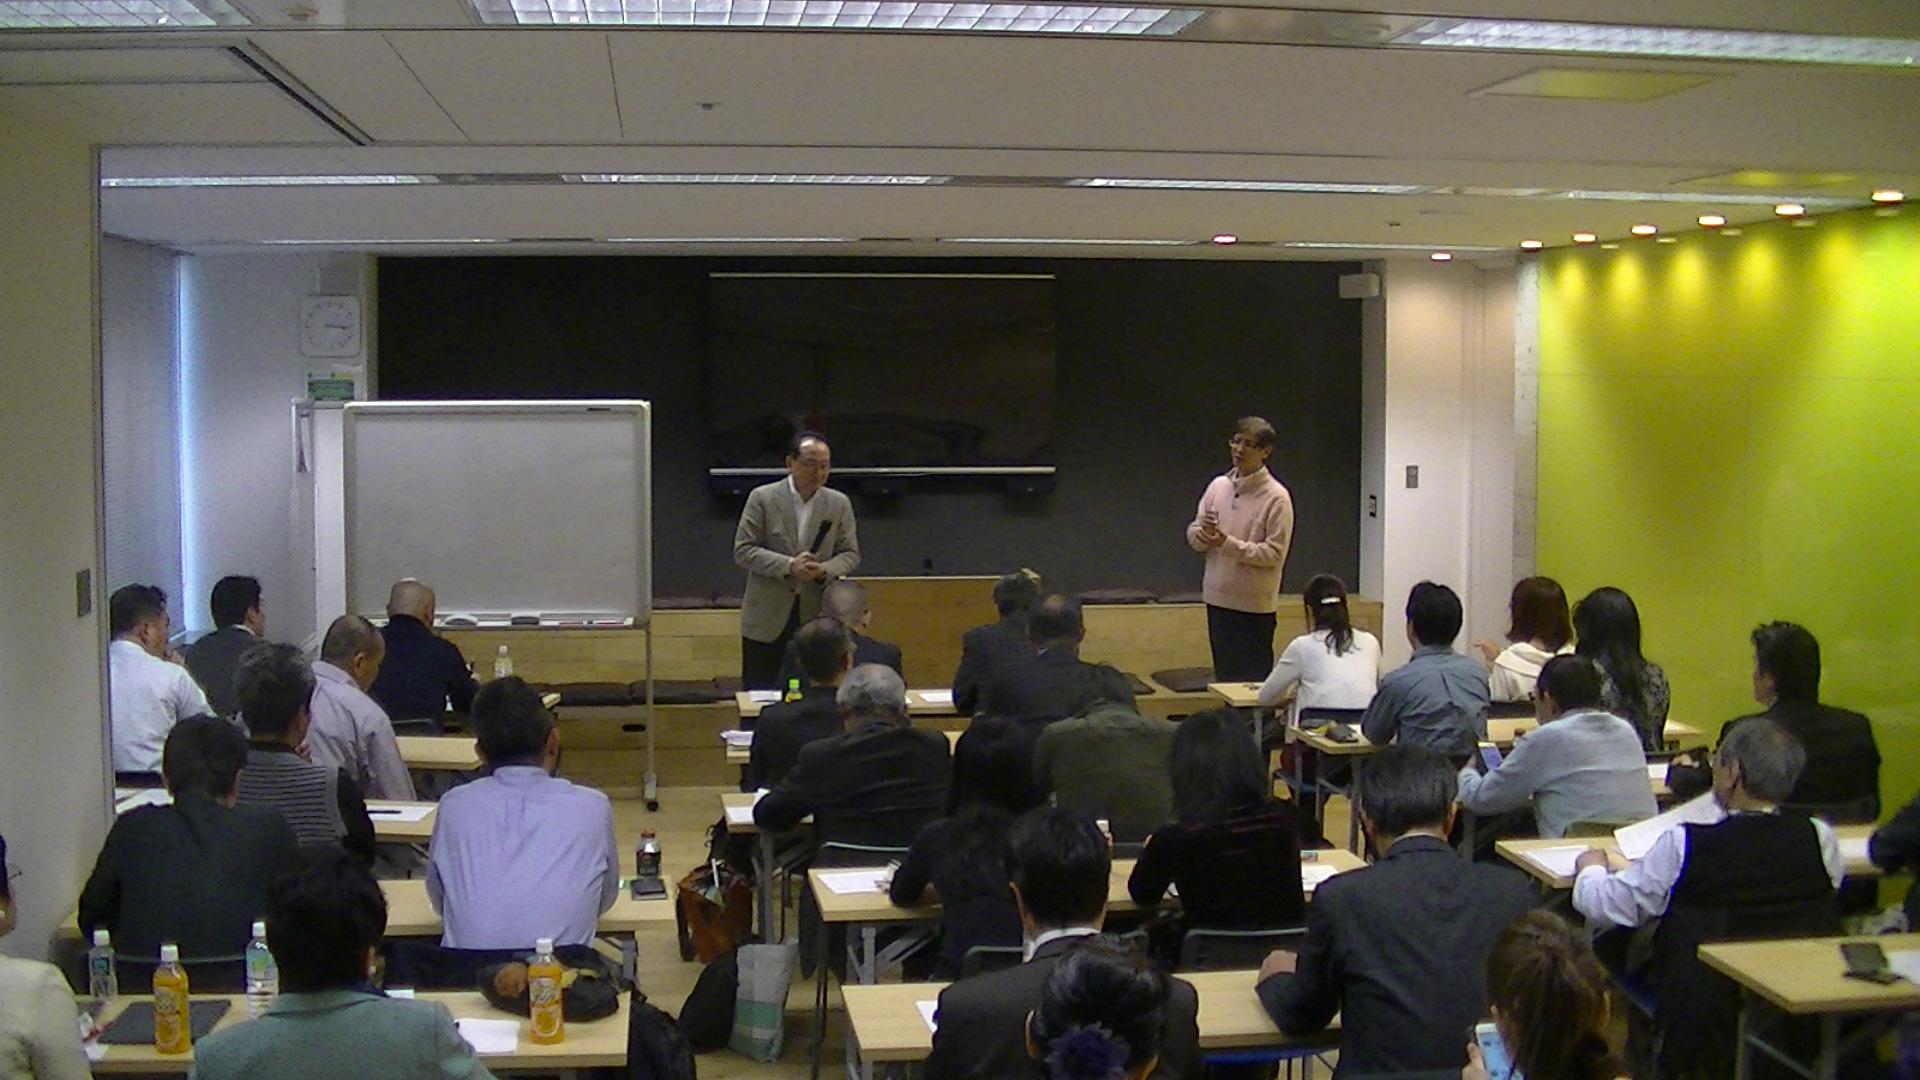 PIC 0698 1 - 平成30年度 東京思風塾 4月7日(土)「時代が問題をつくり、問題が人物をつくる」